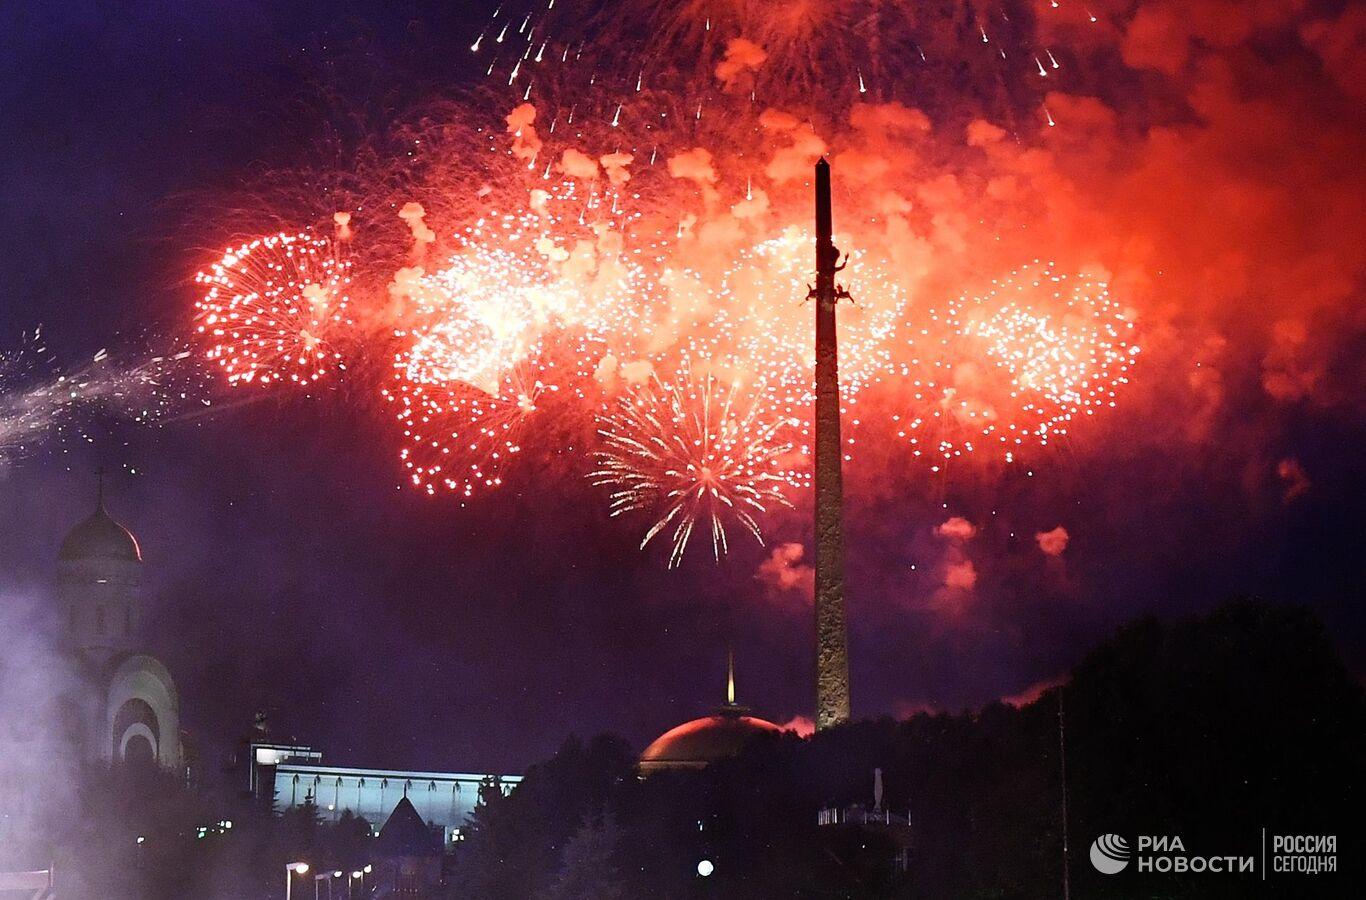 В Москве 28 июля дадут салют в честь 75-летия освобождения Бреста